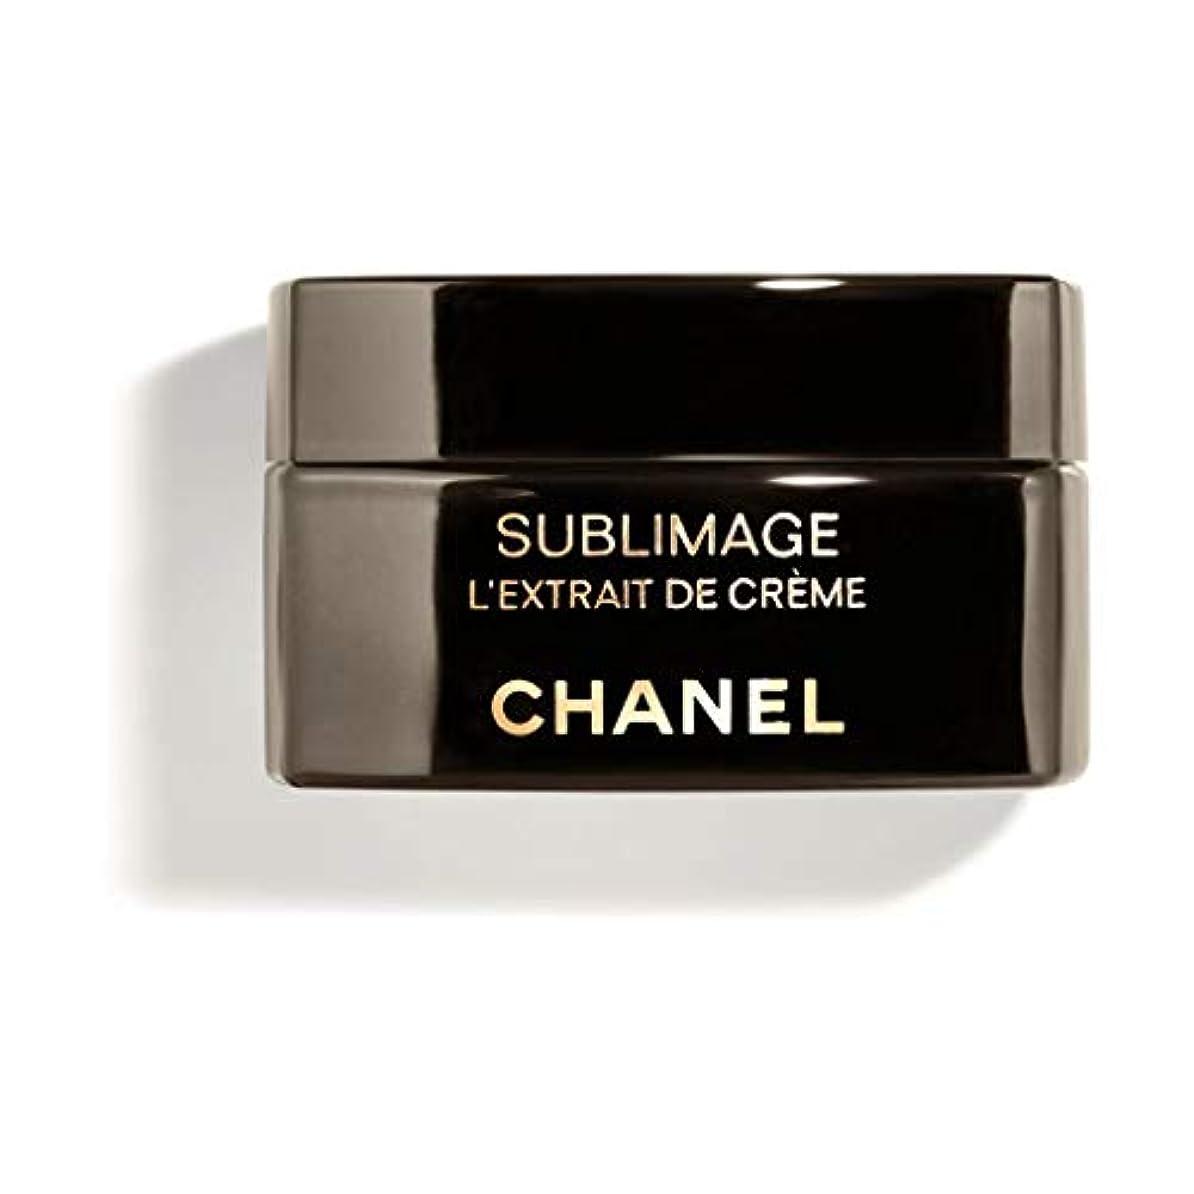 るコール風が強いCHANEL(シャネル) SUBLIMAGE L EXTRAIT DE CREME サブリマージュ レクストレ ドゥ クレーム 50g